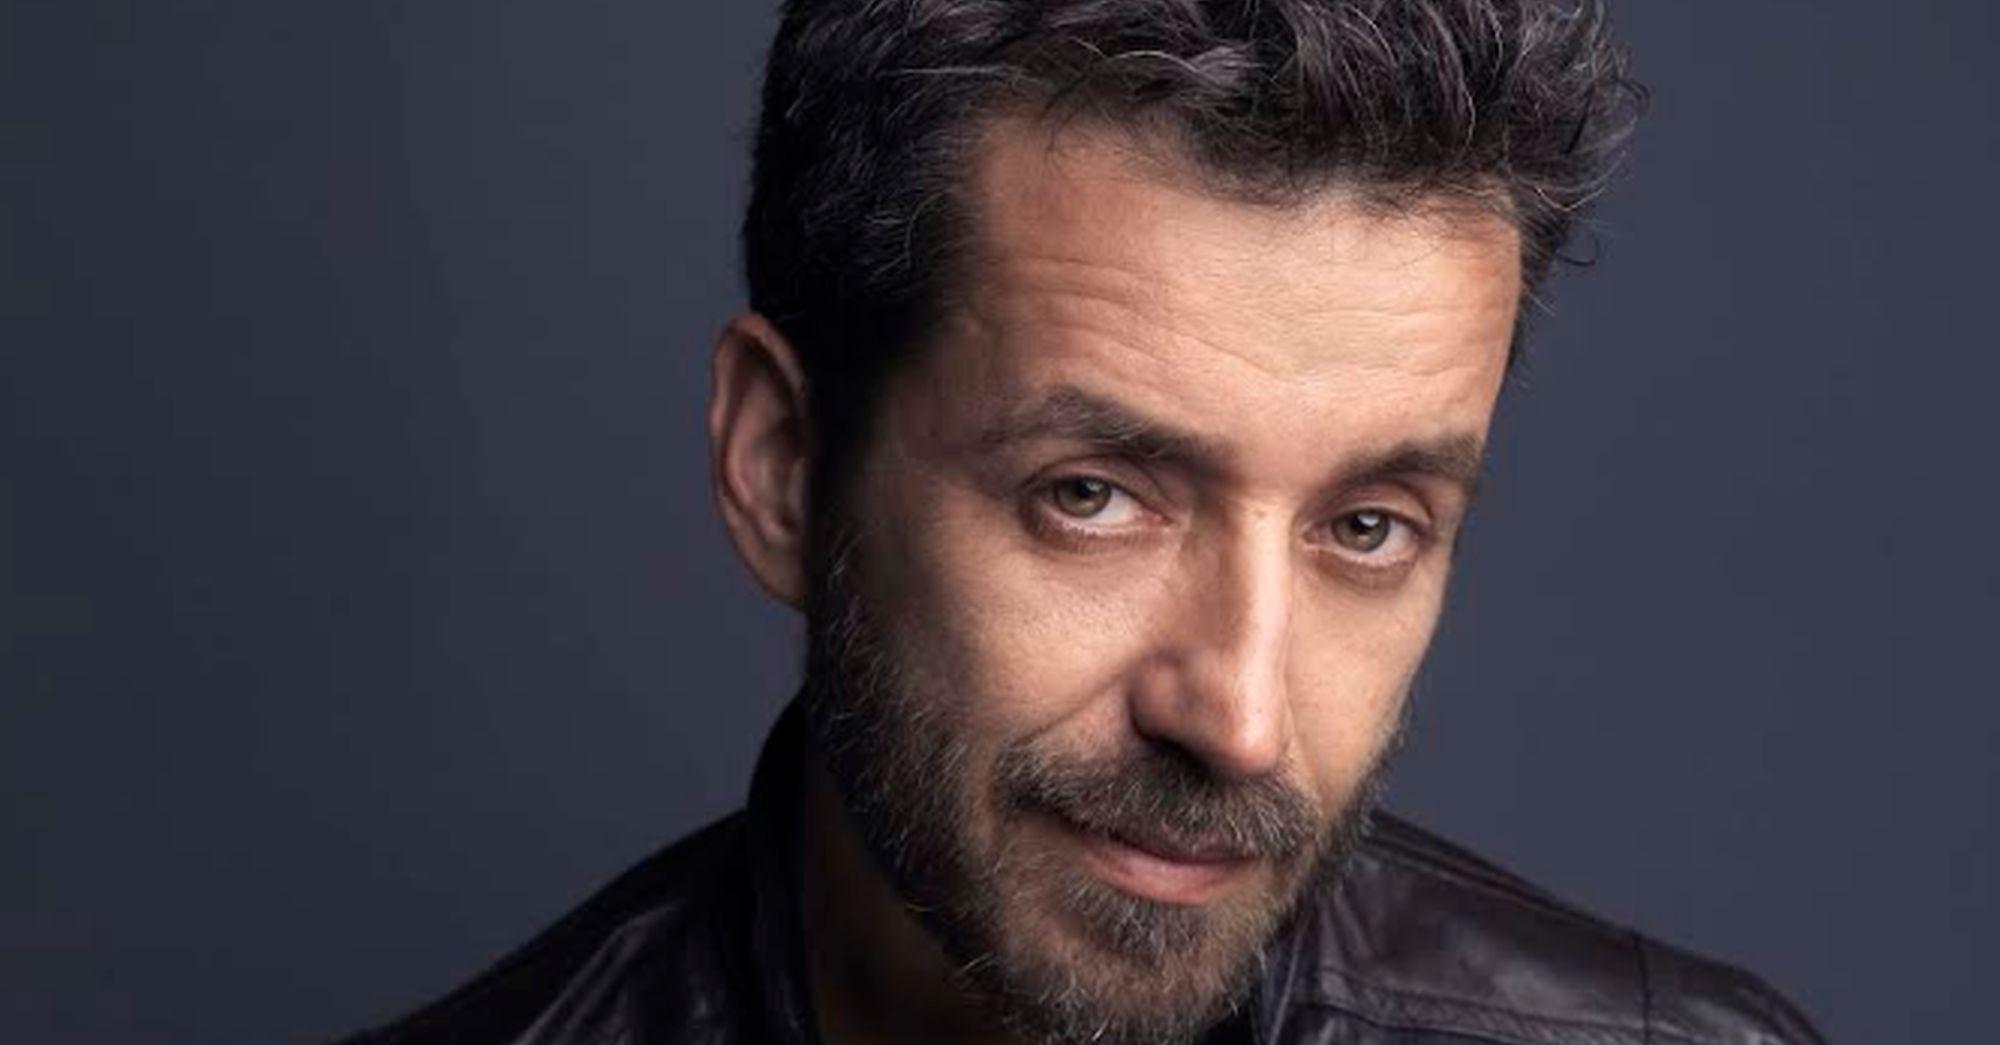 """Daniele Silvestri a Sanremo 2019 con """"Argento vivo"""": testo, audio, significato"""